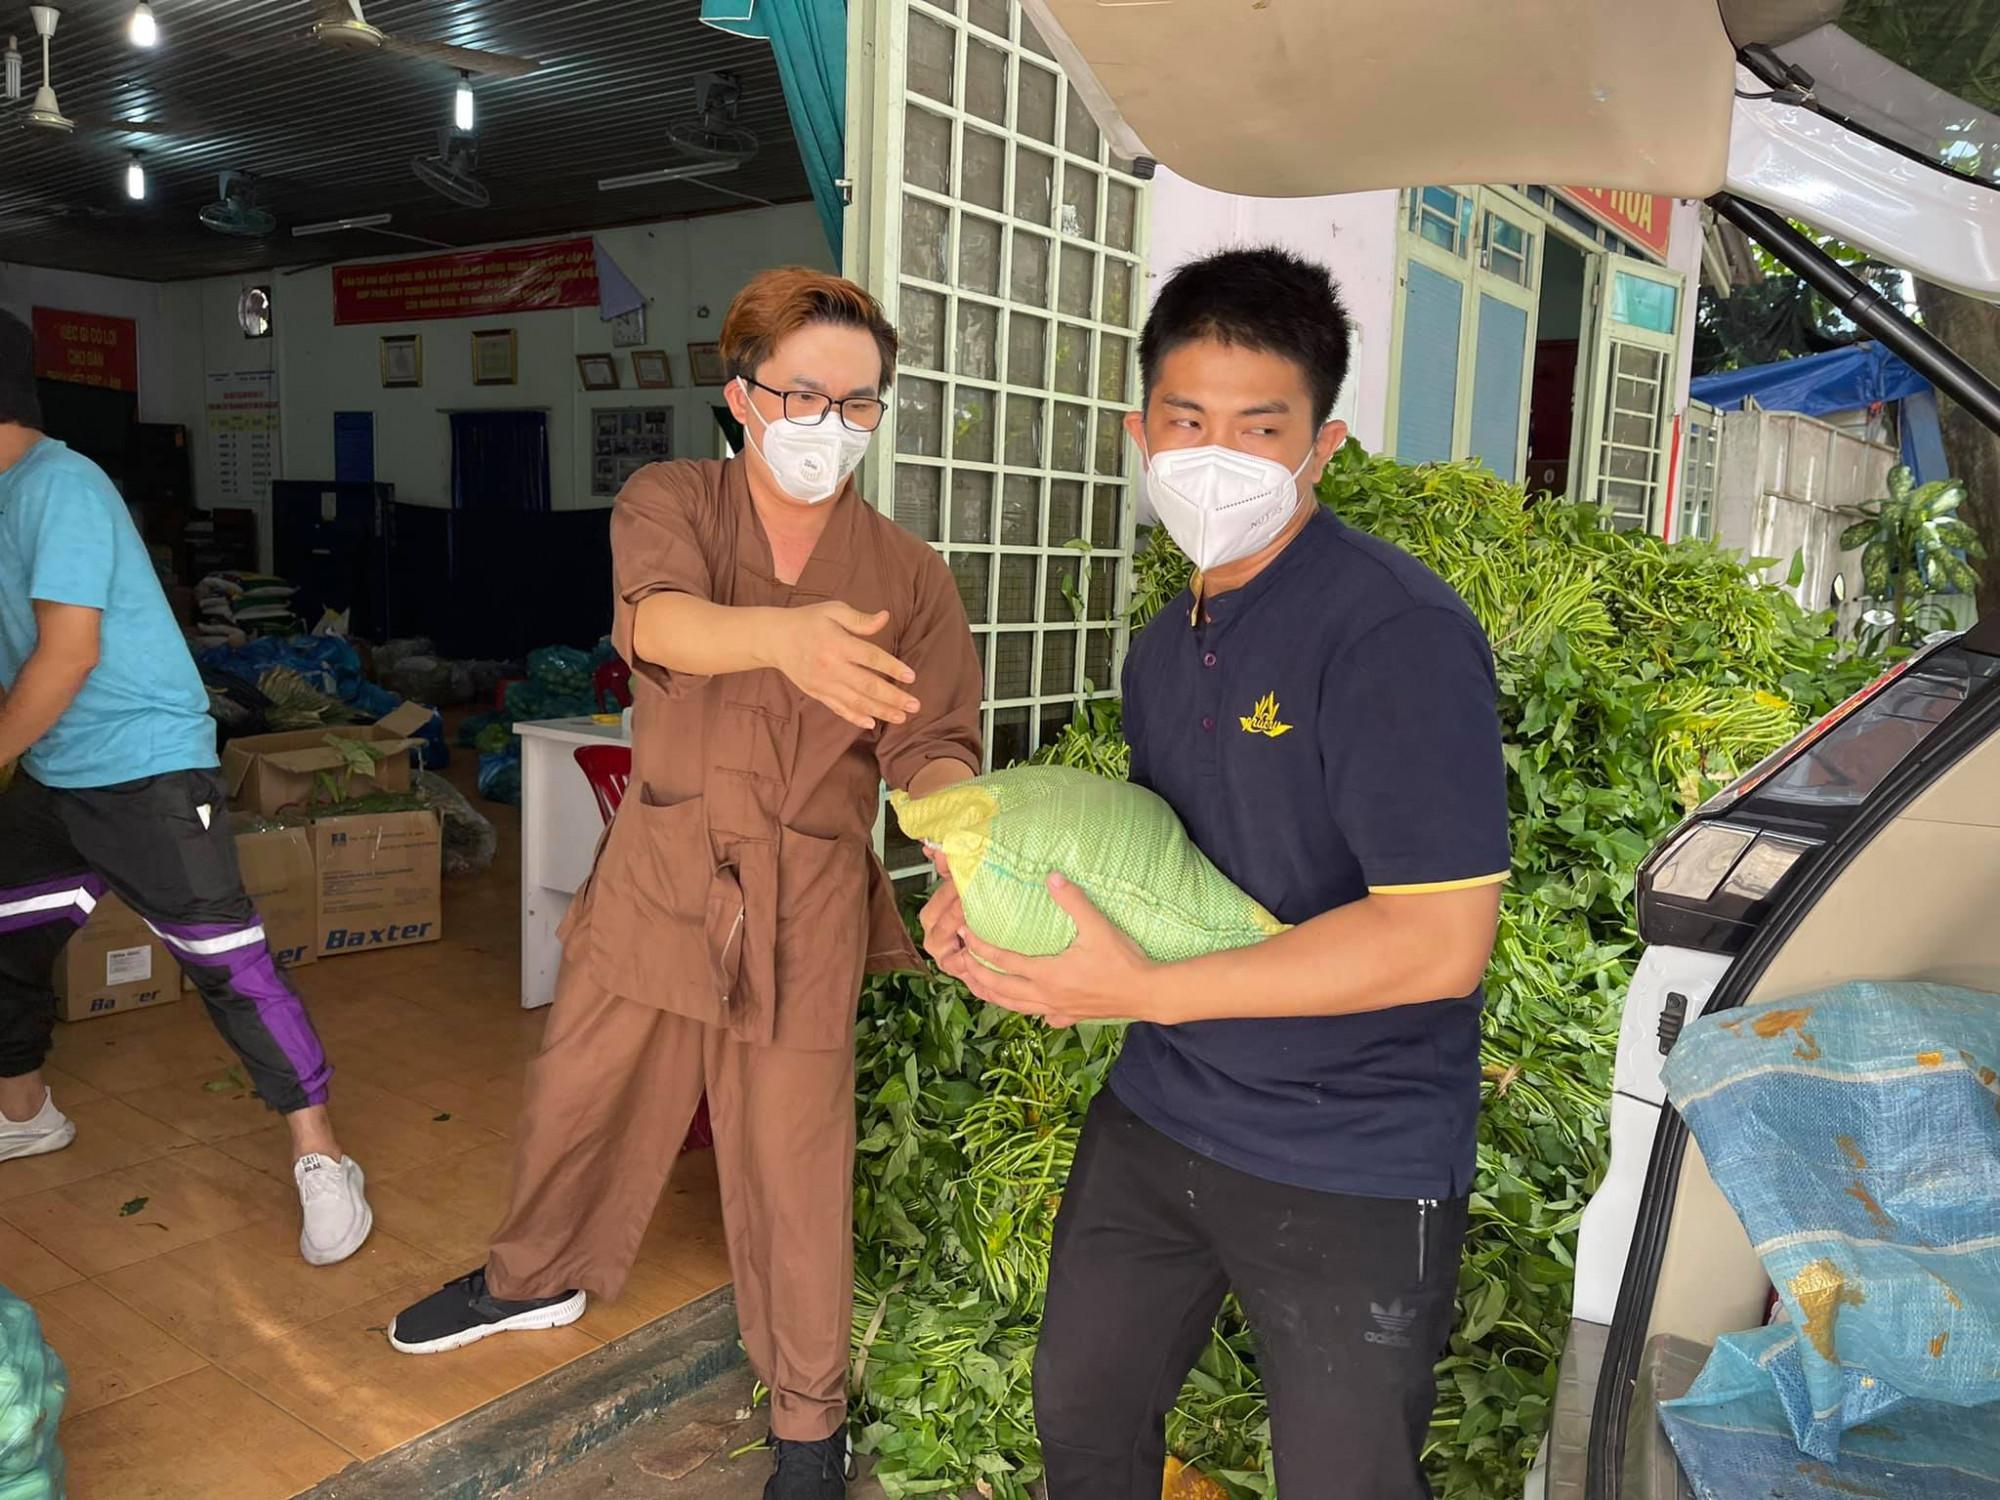 MC Đại Nghĩa và các cộng sự chuyển gạo, rau cho các khu vực bị cách ly, phong toả, người dân gặp khó khăn do dịch COVID-19.